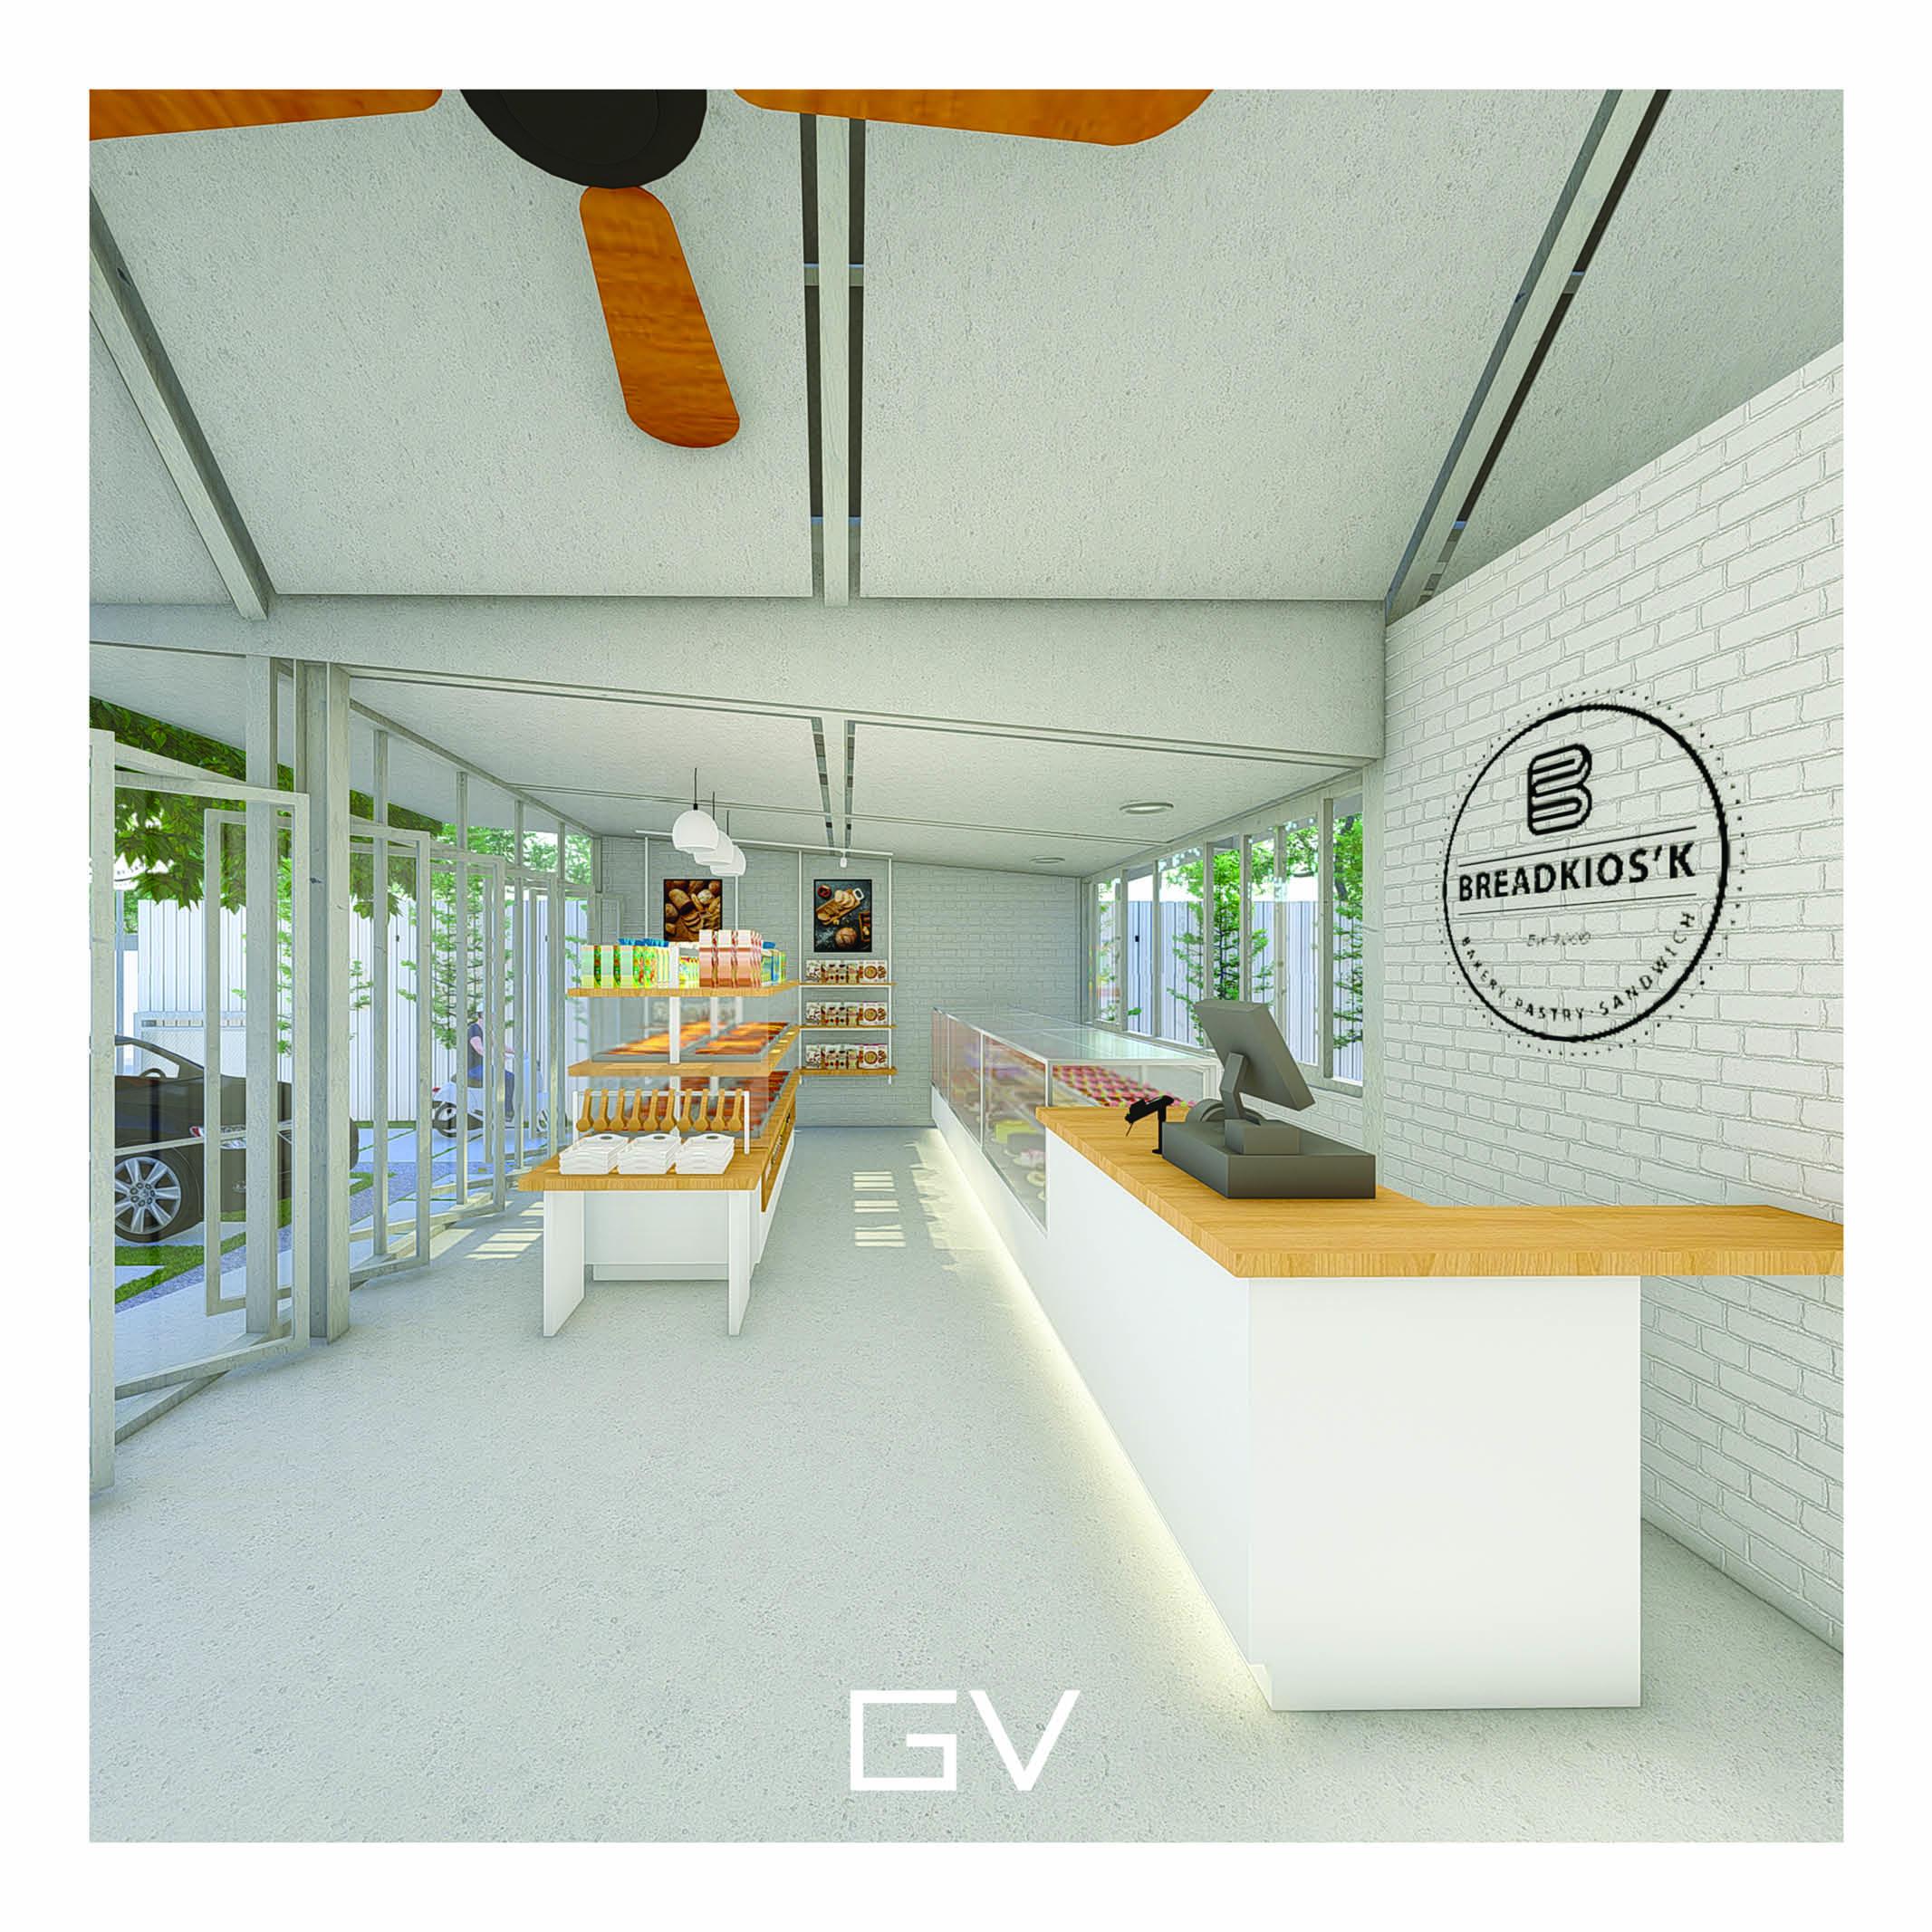 Gv Studio Bakery Banjarmasin Banjarmasin, Kota Banjarmasin, Kalimantan Selatan, Indonesia Banjarmasin, Kota Banjarmasin, Kalimantan Selatan, Indonesia Gv-Studio-Bakery-Banjarmasin   88246